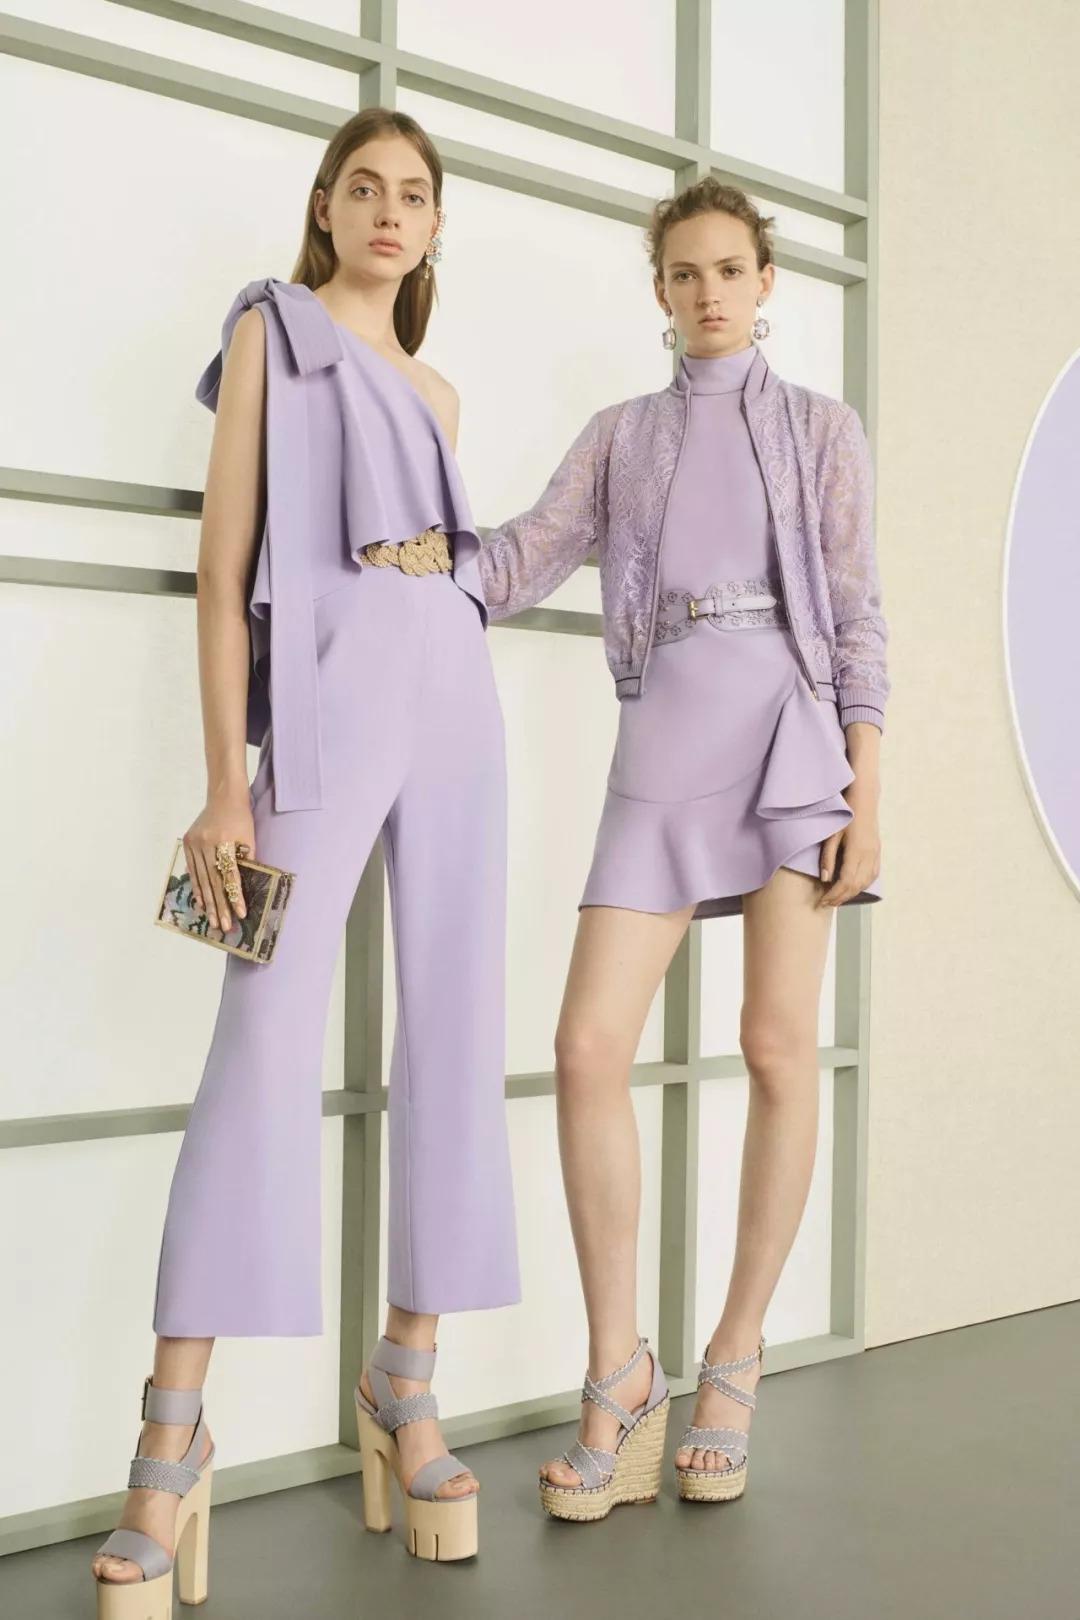 換季買買買,你至少需要一套得體又時髦的衣服!